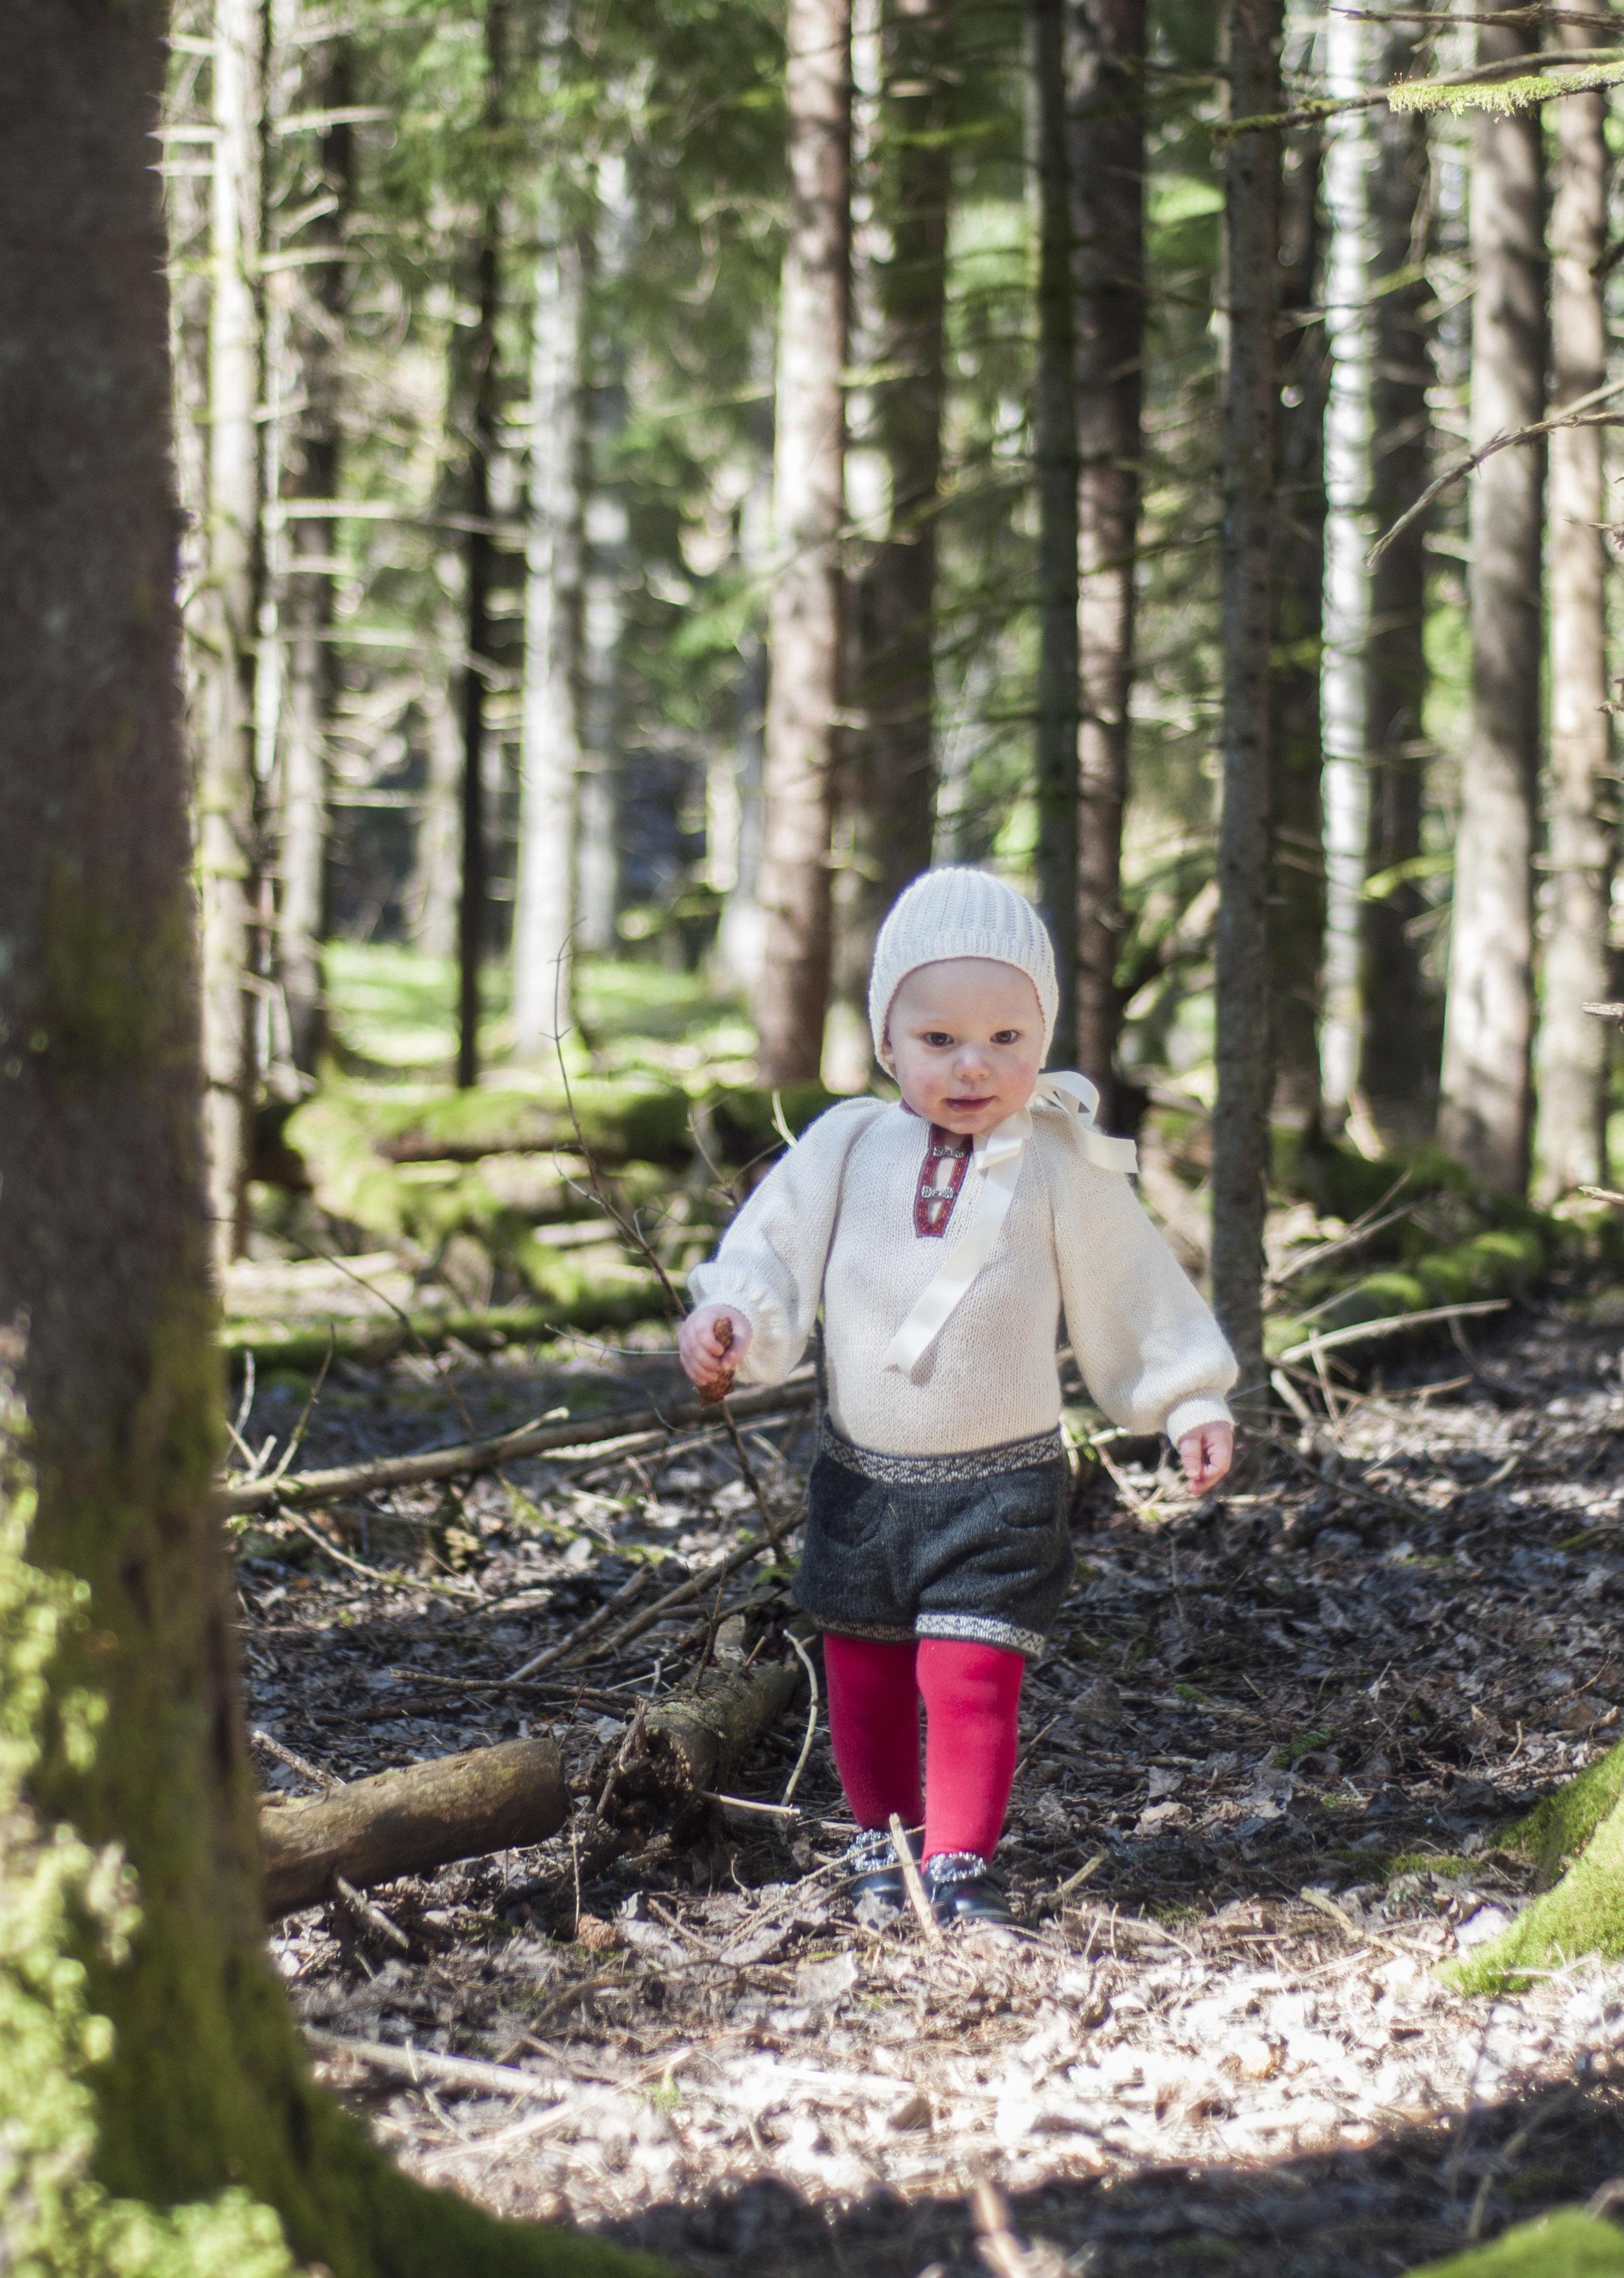 Denne bildeserien her blir jeg så lykkelig av - en liten tass i bunad som løper rundt i maiskogen!